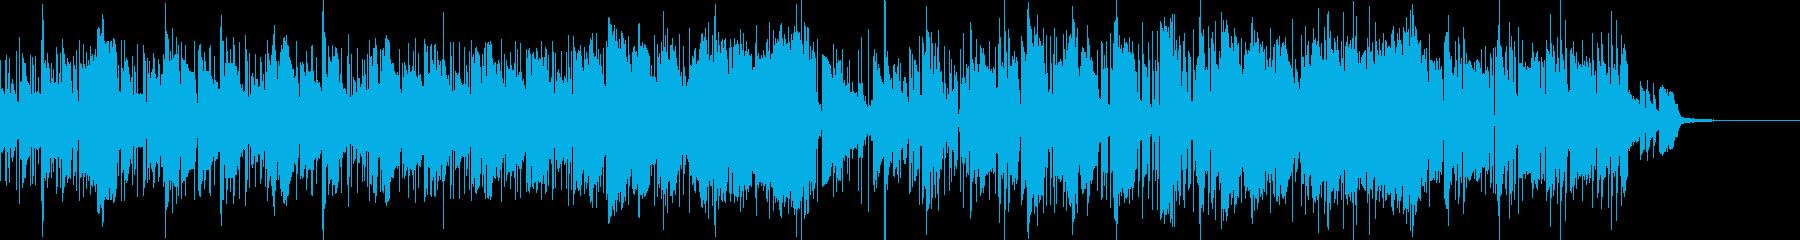 都会的なスムースジャズファンクBGMの再生済みの波形